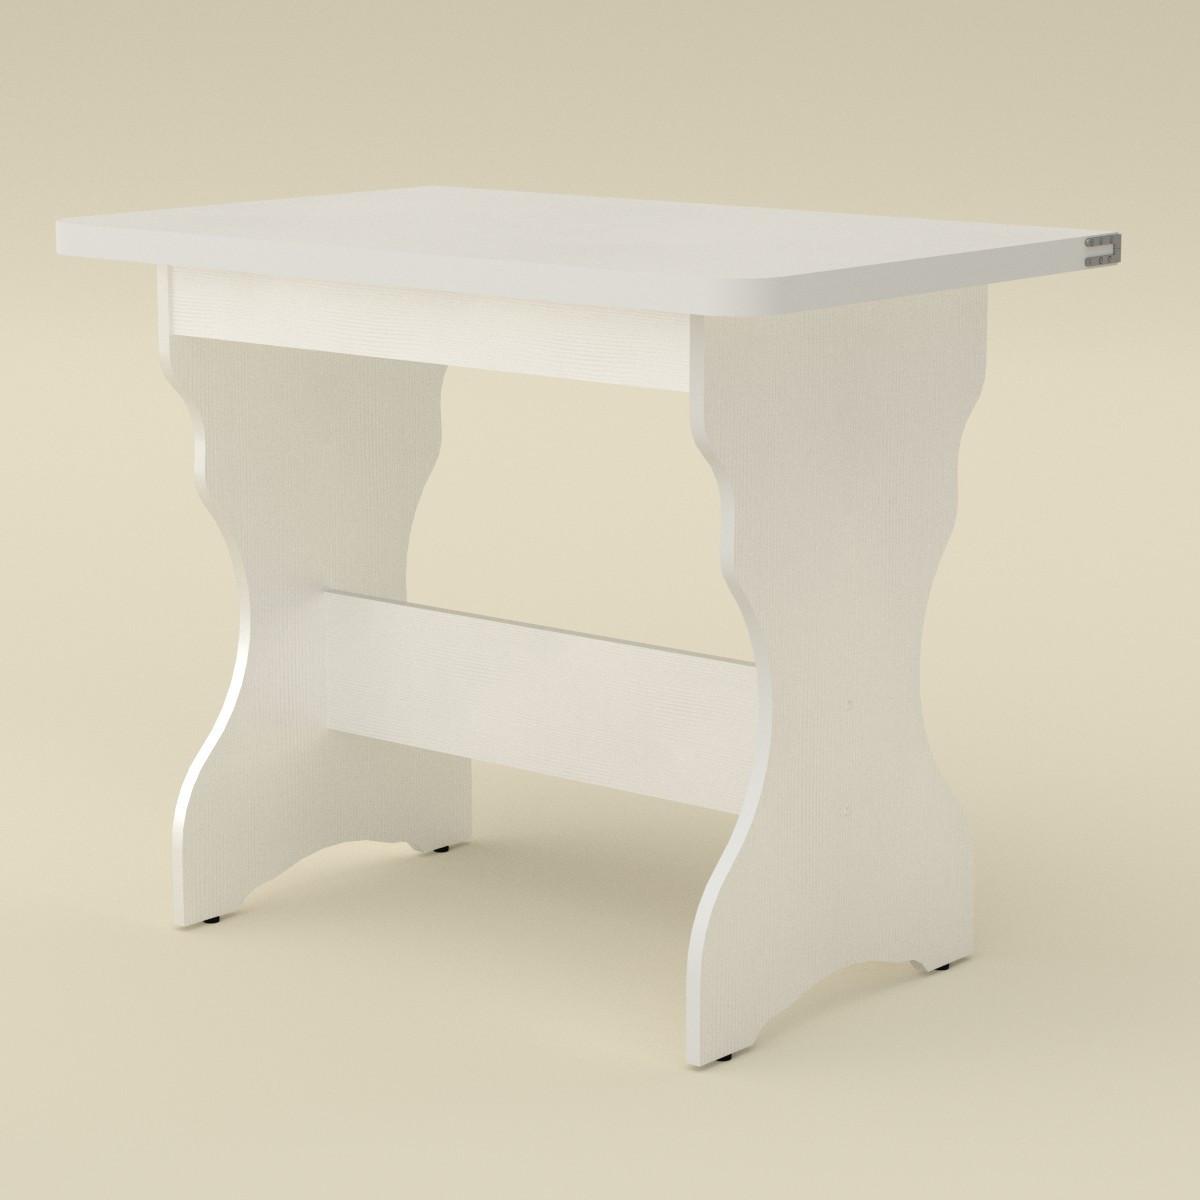 Стол кухонный КС-3 белый Компанит (90х59х73 см)